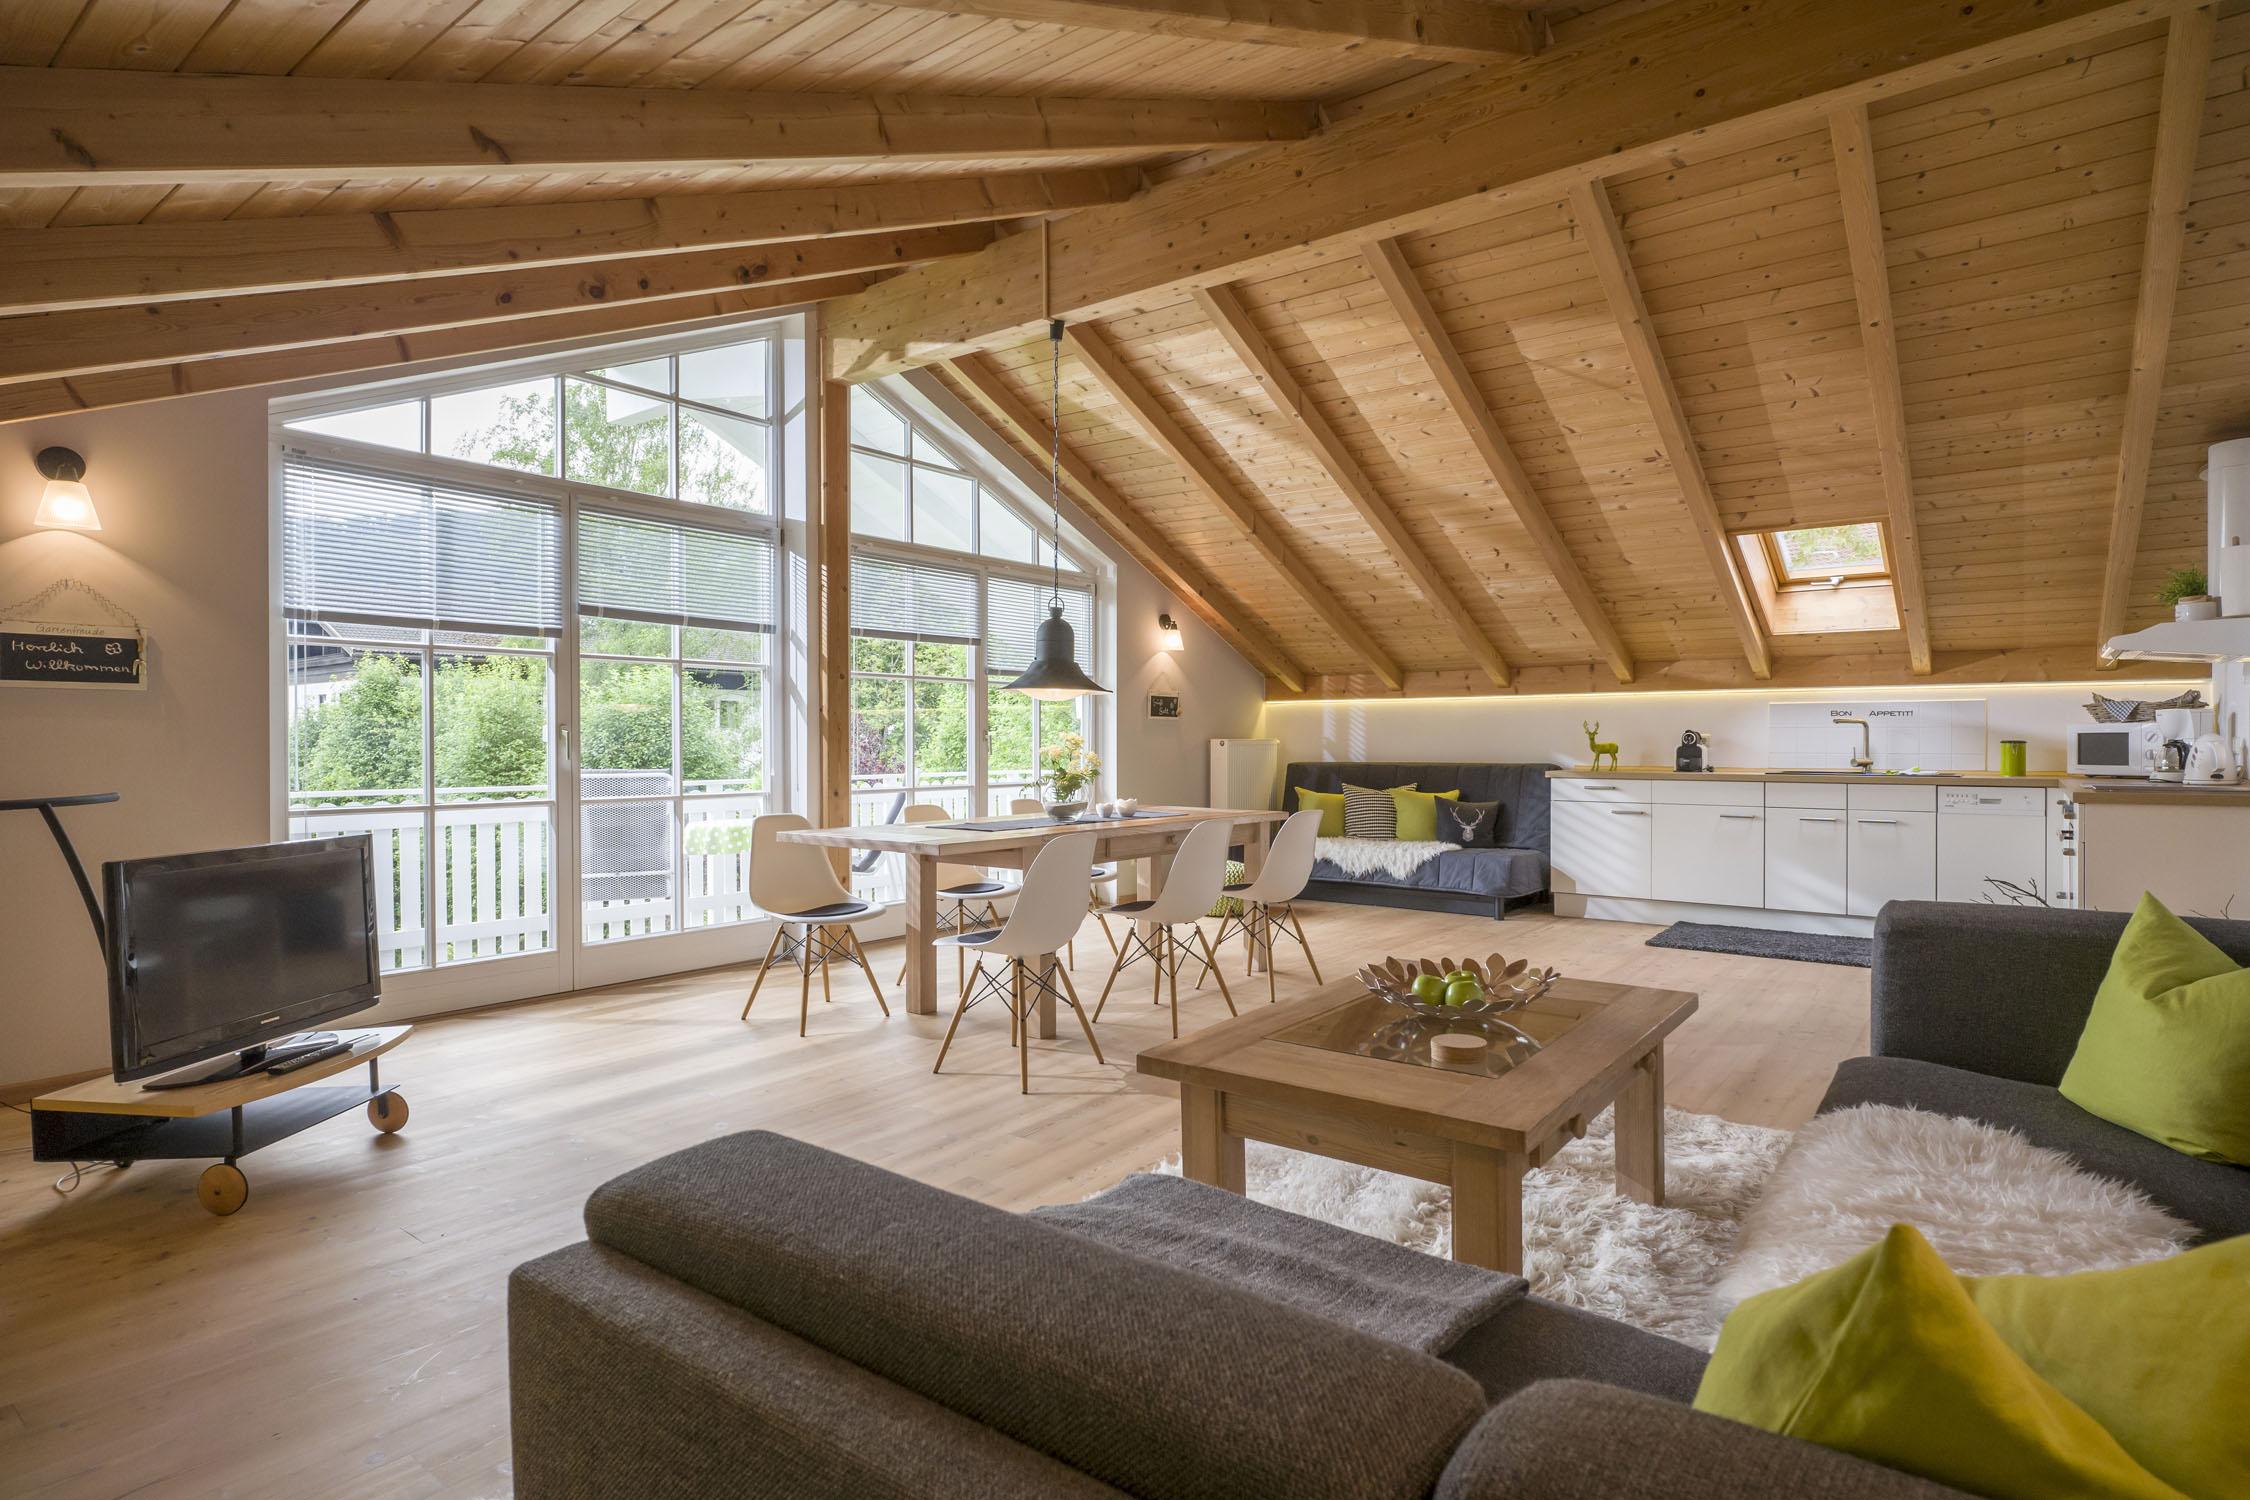 Ferienwohnung Pension Vergissmeinnicht (DE Oberaudorf). Ferienwohnung 85 m² 2 Personen Kaiserblick (709955), Oberaudorf, Chiemgau, Bayern, Deutschland, Bild 8